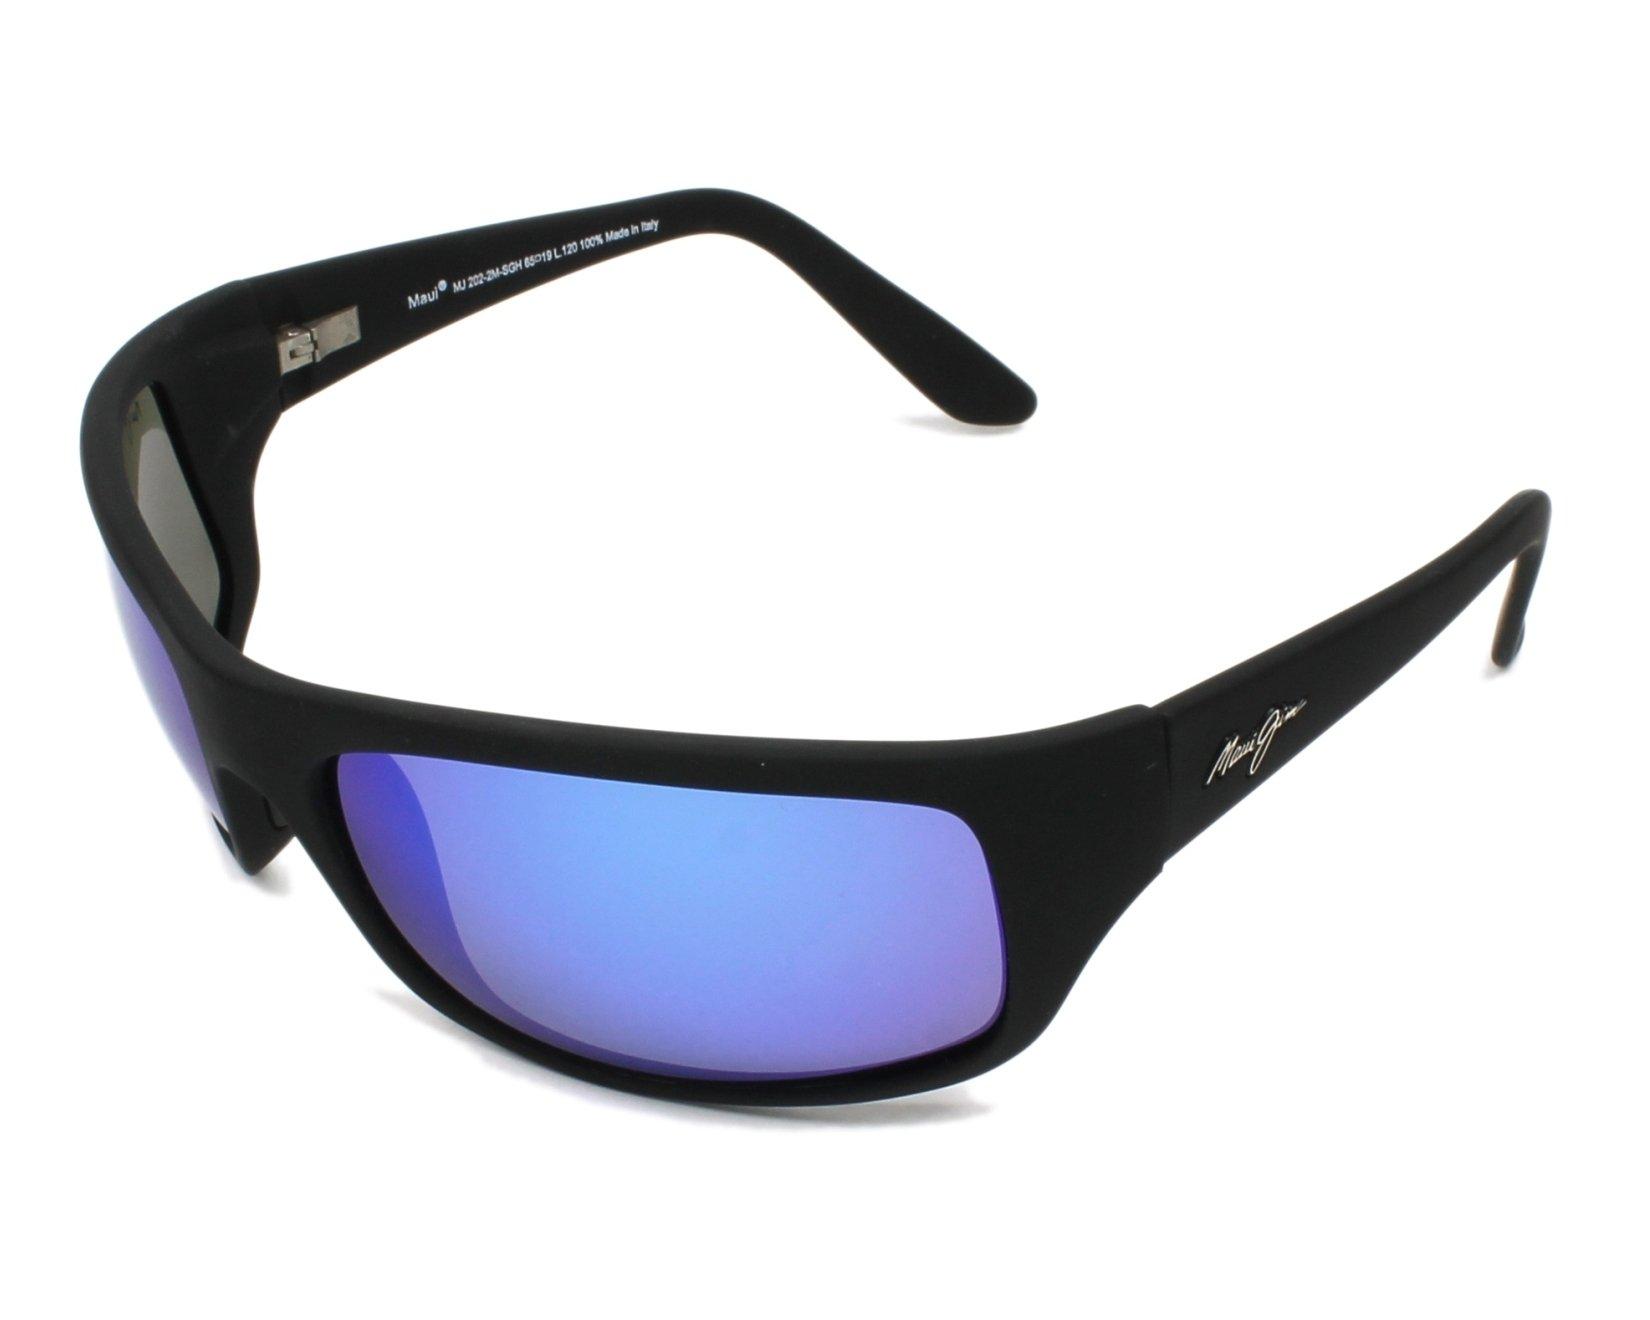 115d6855e7 Gafas de sol Maui Jim B-202 2M 65-19 Negra vista de perfil